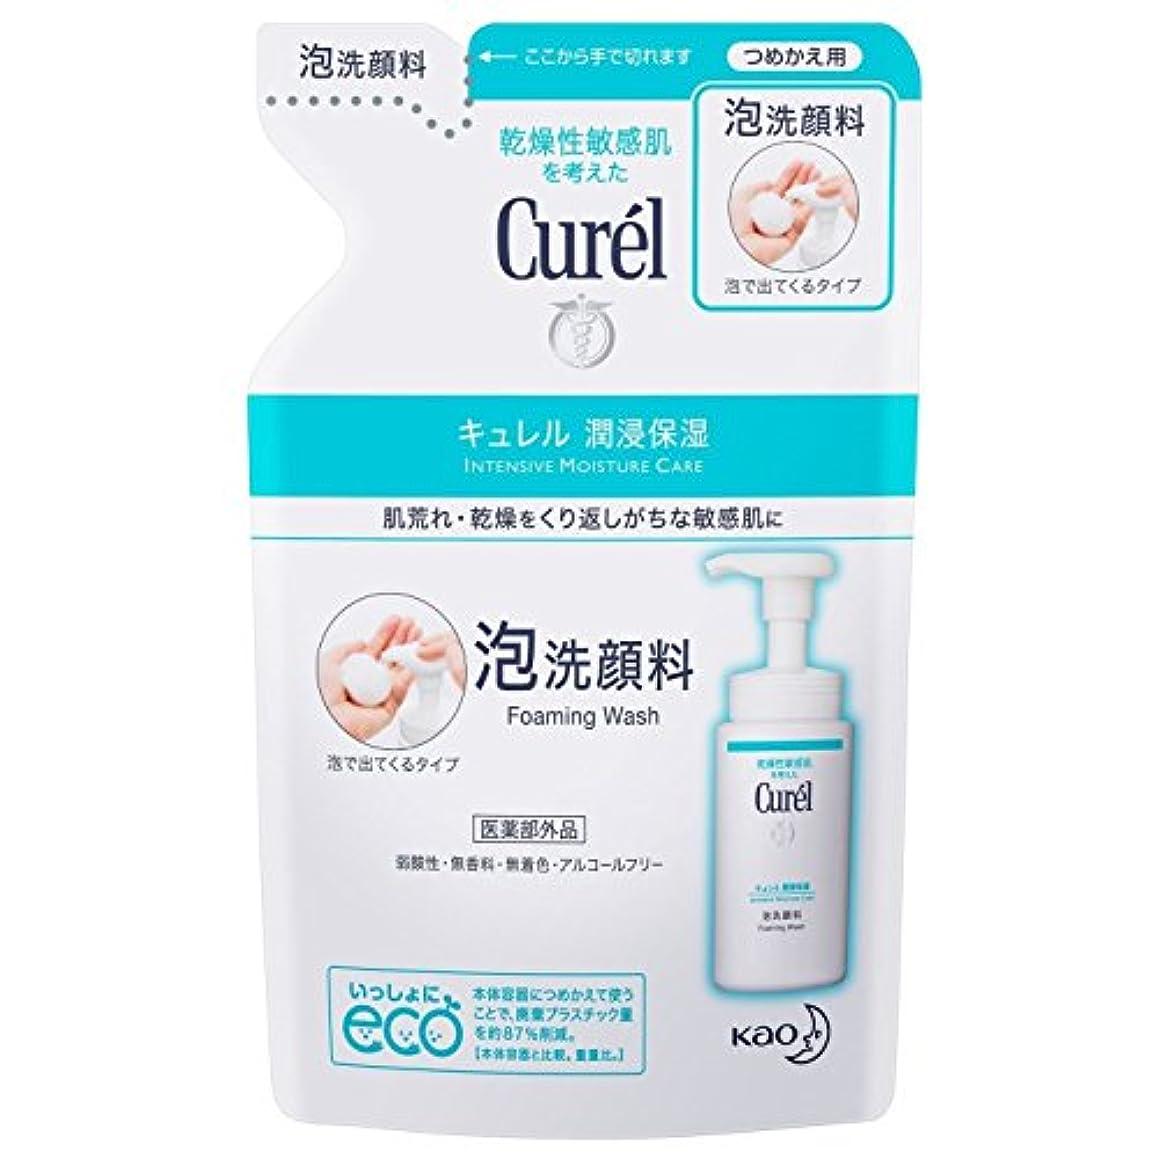 未使用可決繰り返す【花王】Curel(キュレル) 泡洗顔料 つめかえ用 130ml ×5個セット